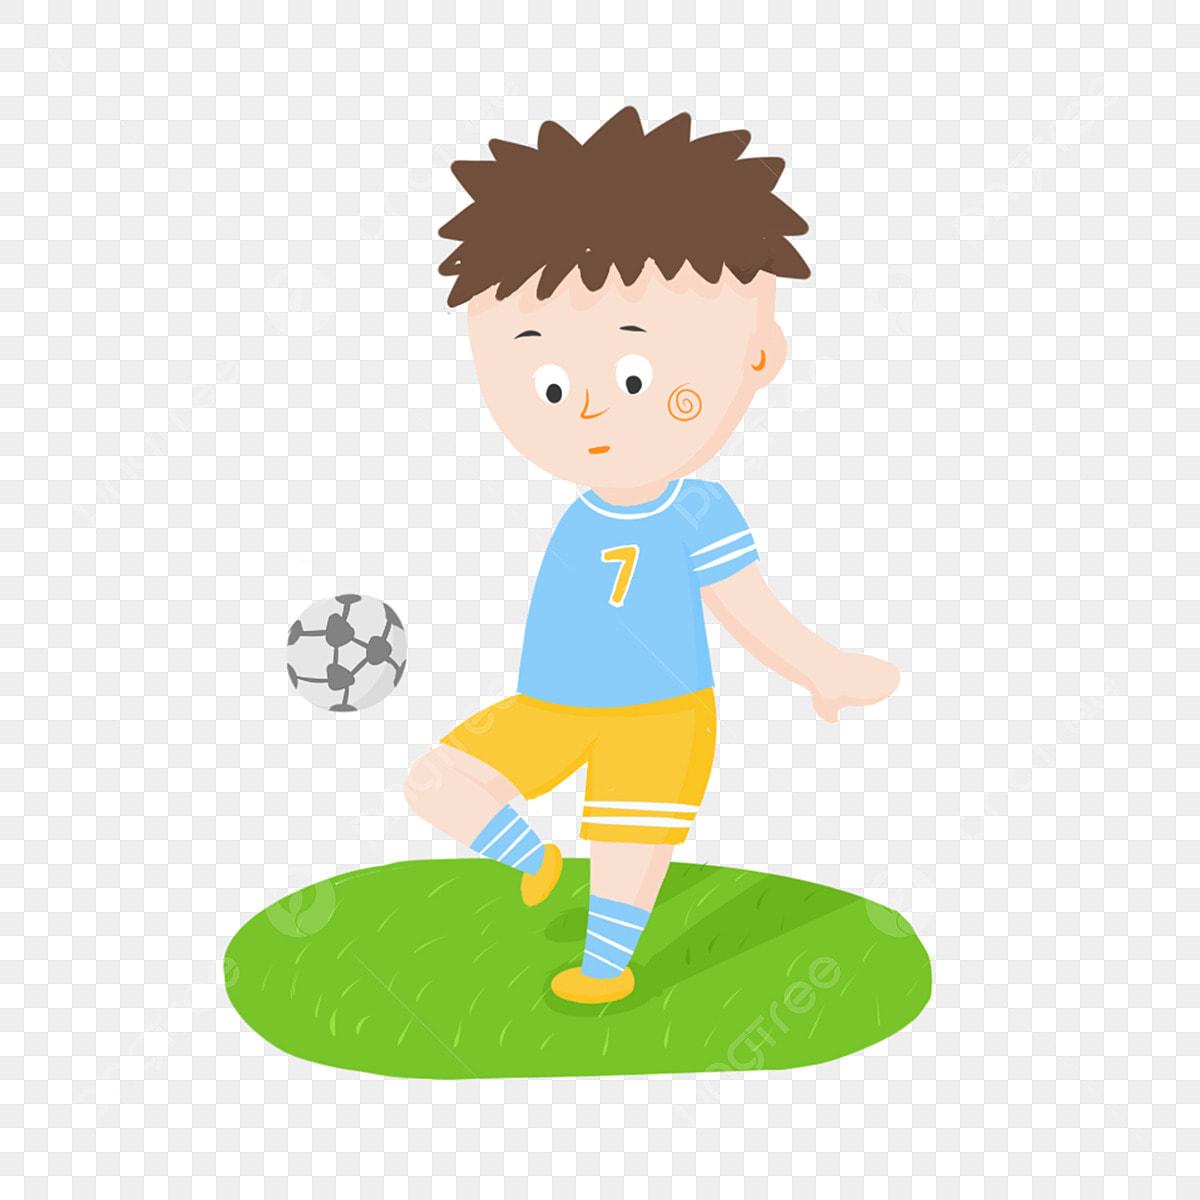 Gambar Bermain Kanak Kanak Bola Sepak Tangan Kartun Yang Ditarik Lucu Elemen Komersial Main Bola Anak Tangan Dicat Png Dan Psd Untuk Muat Turun Percuma